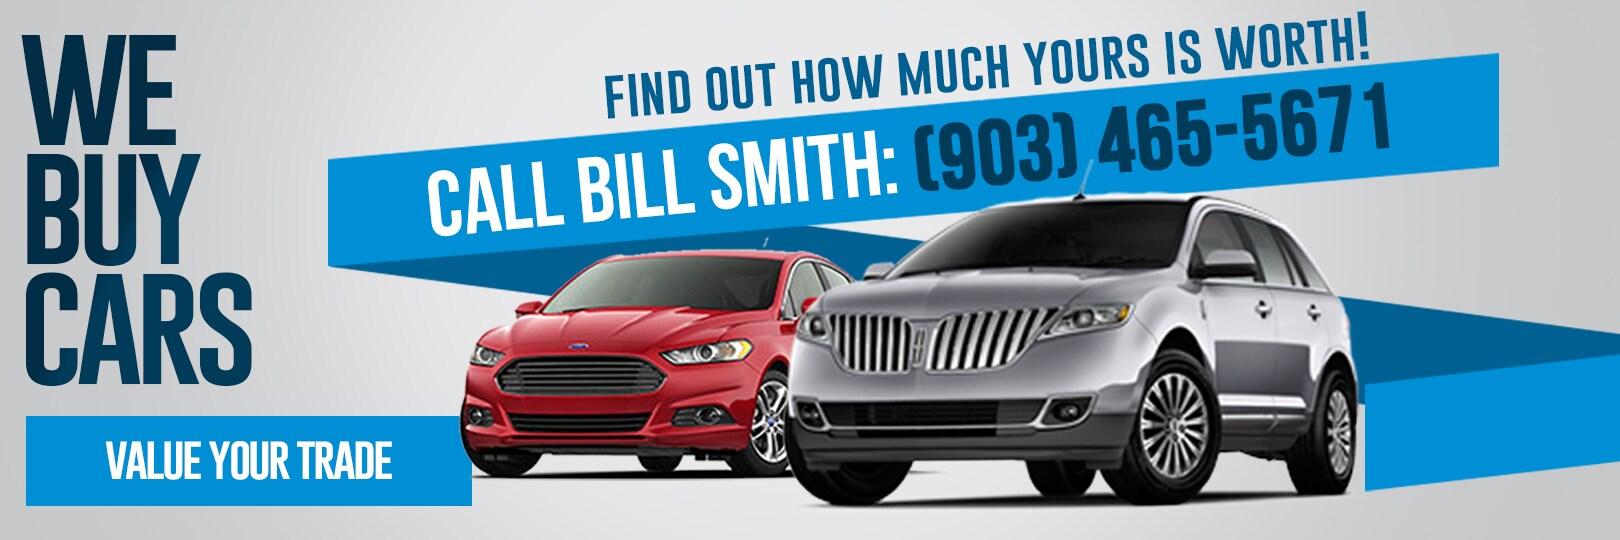 New & Used Ford Dealer | Blake Utter Ford | Denison, TX